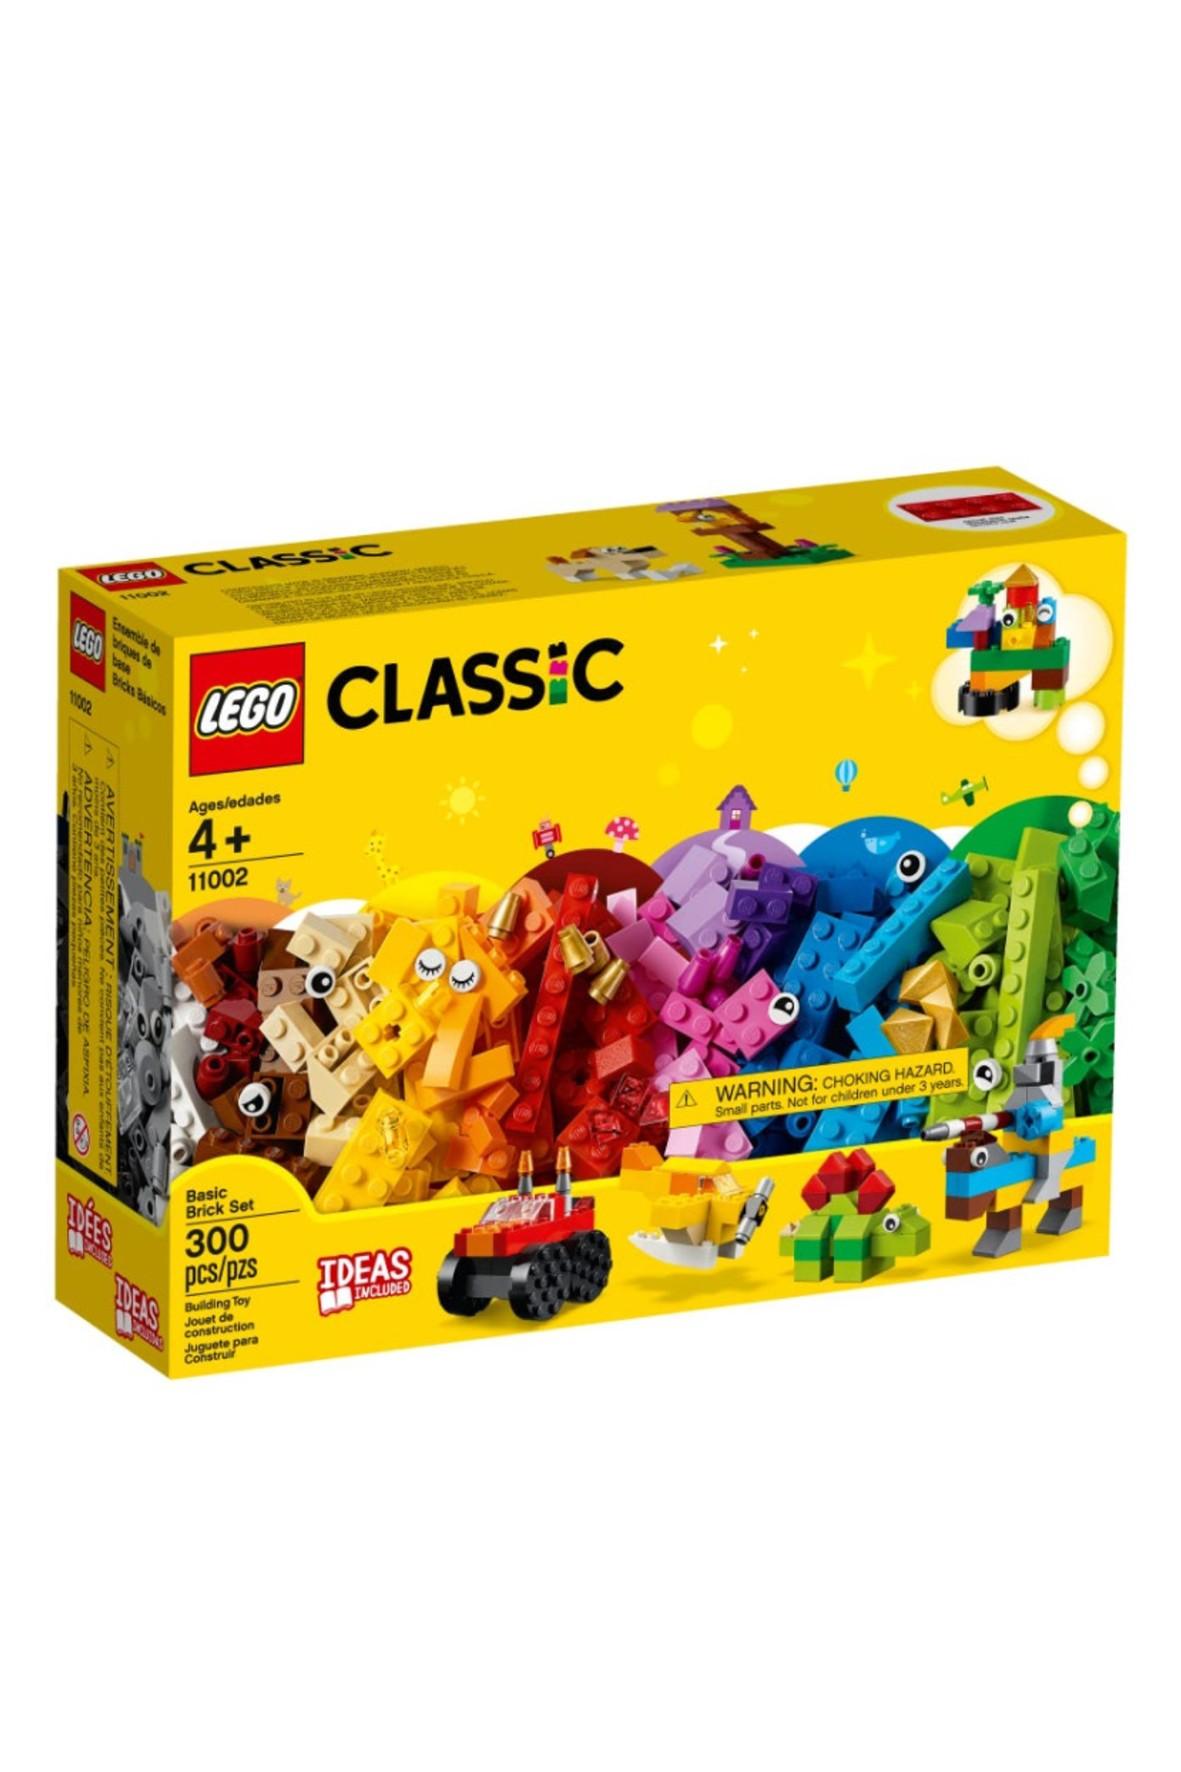 Klocki Lego Classic 11002  Podstawowe klocki - 300 elementów wiek 4+